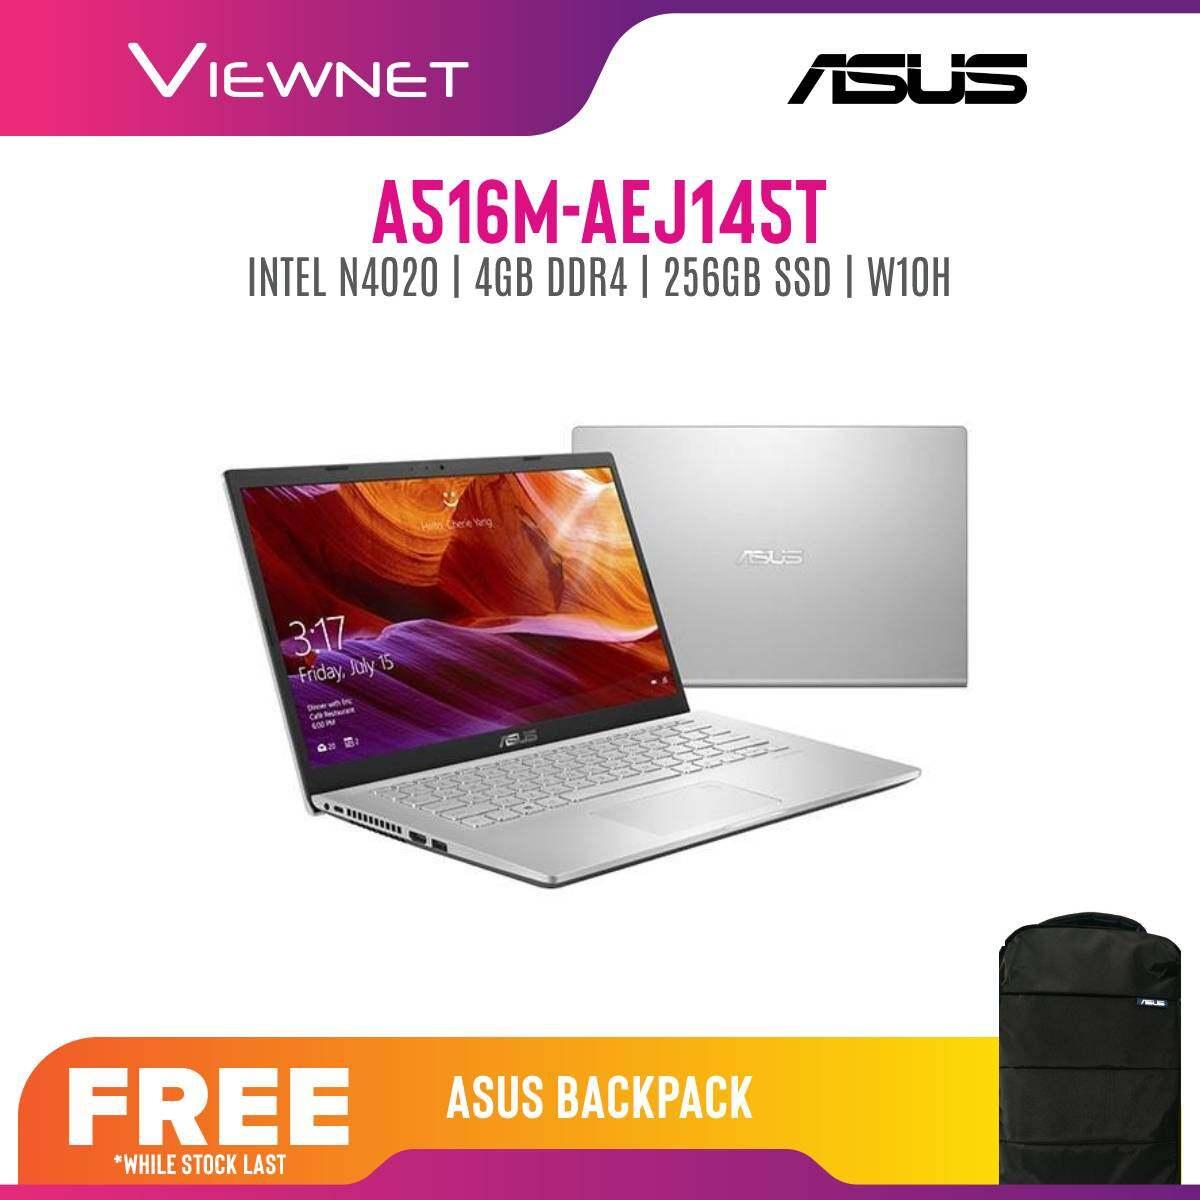 Asus A516M-AEJ146T/ A516M-AEJ145T 15.6'' FHD Laptop Slate Grey/Silver (Celeron N4020, 4GB, 256GB SSD, Intel, W10)